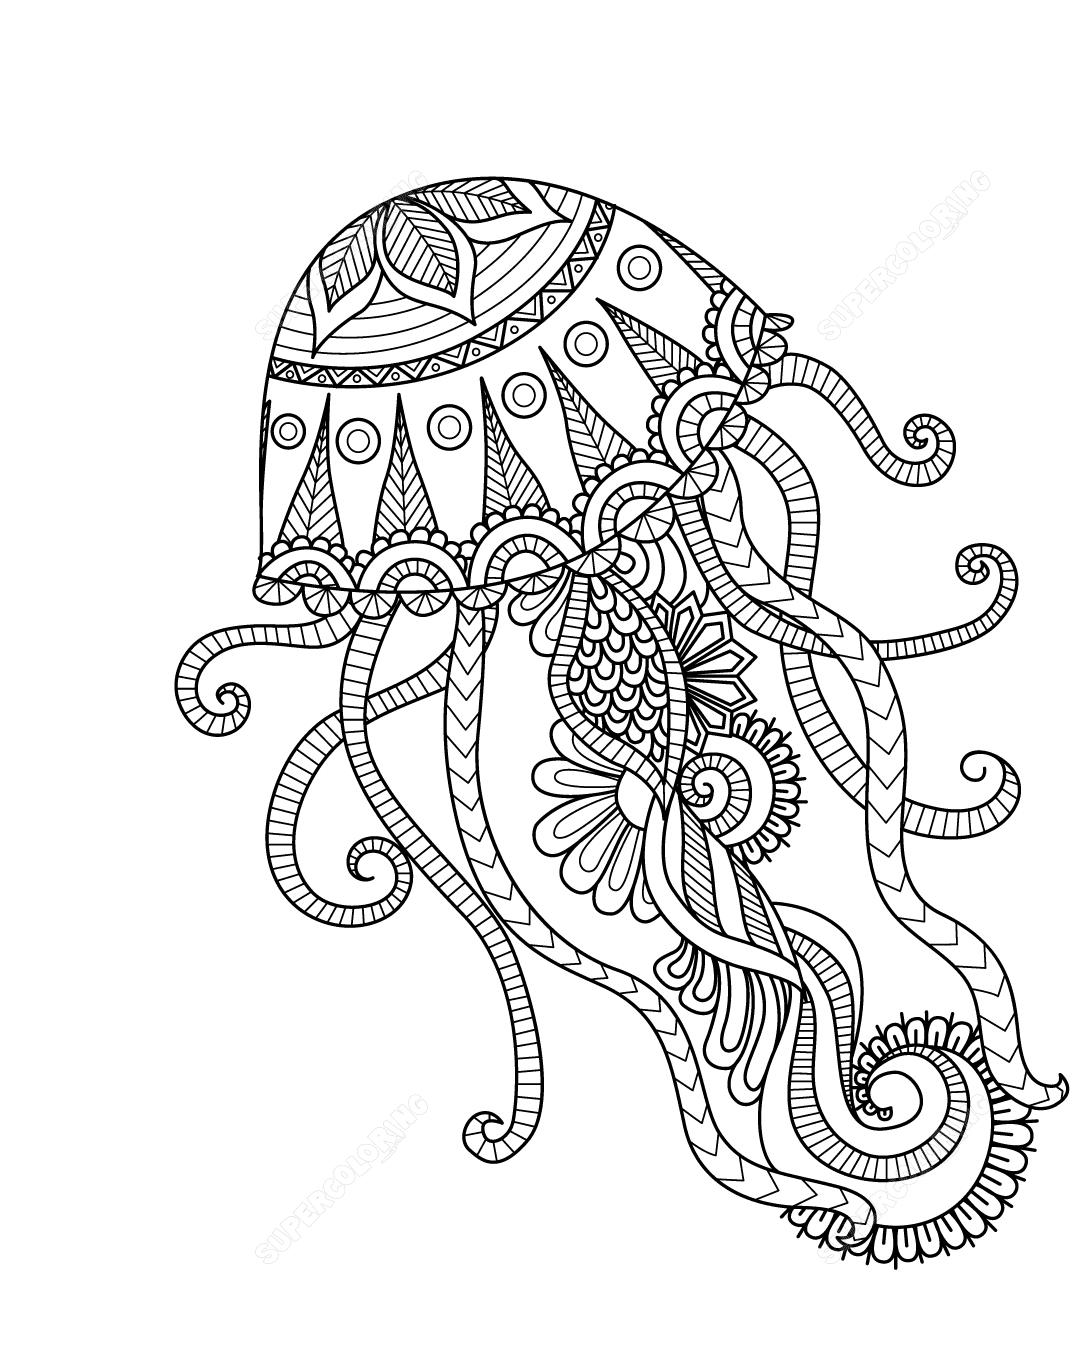 Dibujos De Medusa Mandala Para Colorear Pintar E Imprimir